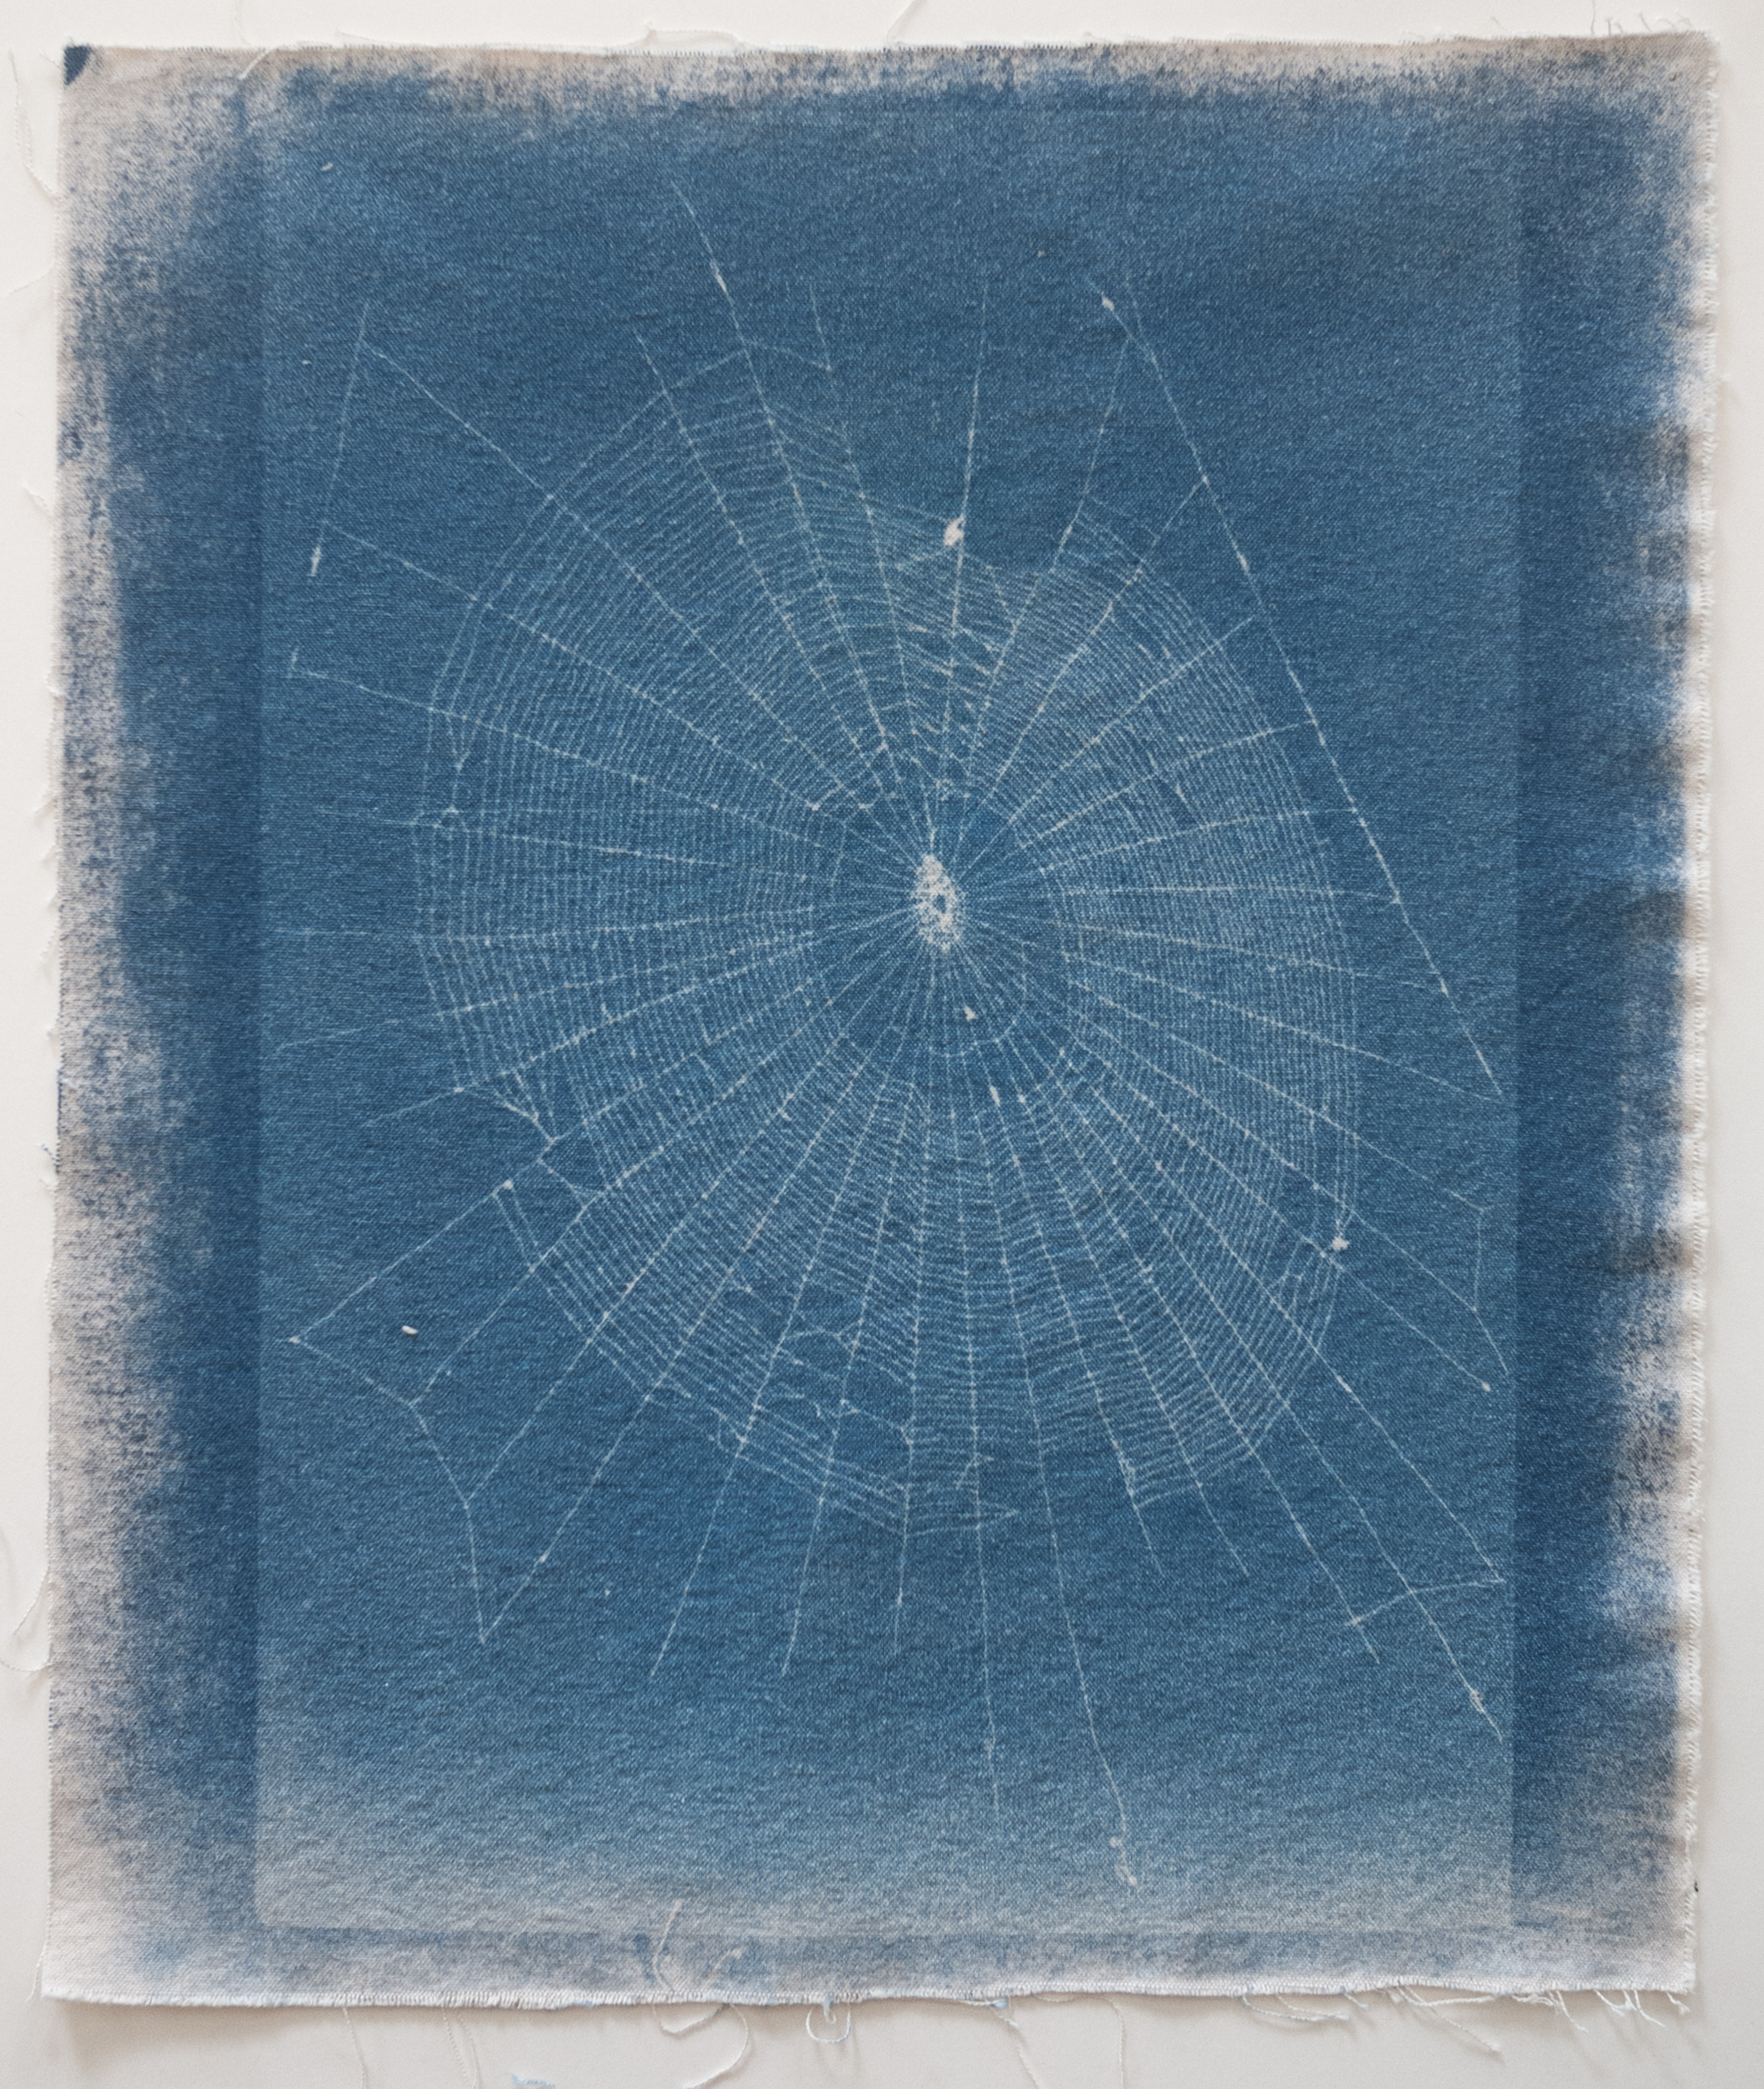 02_Webs-02.jpg